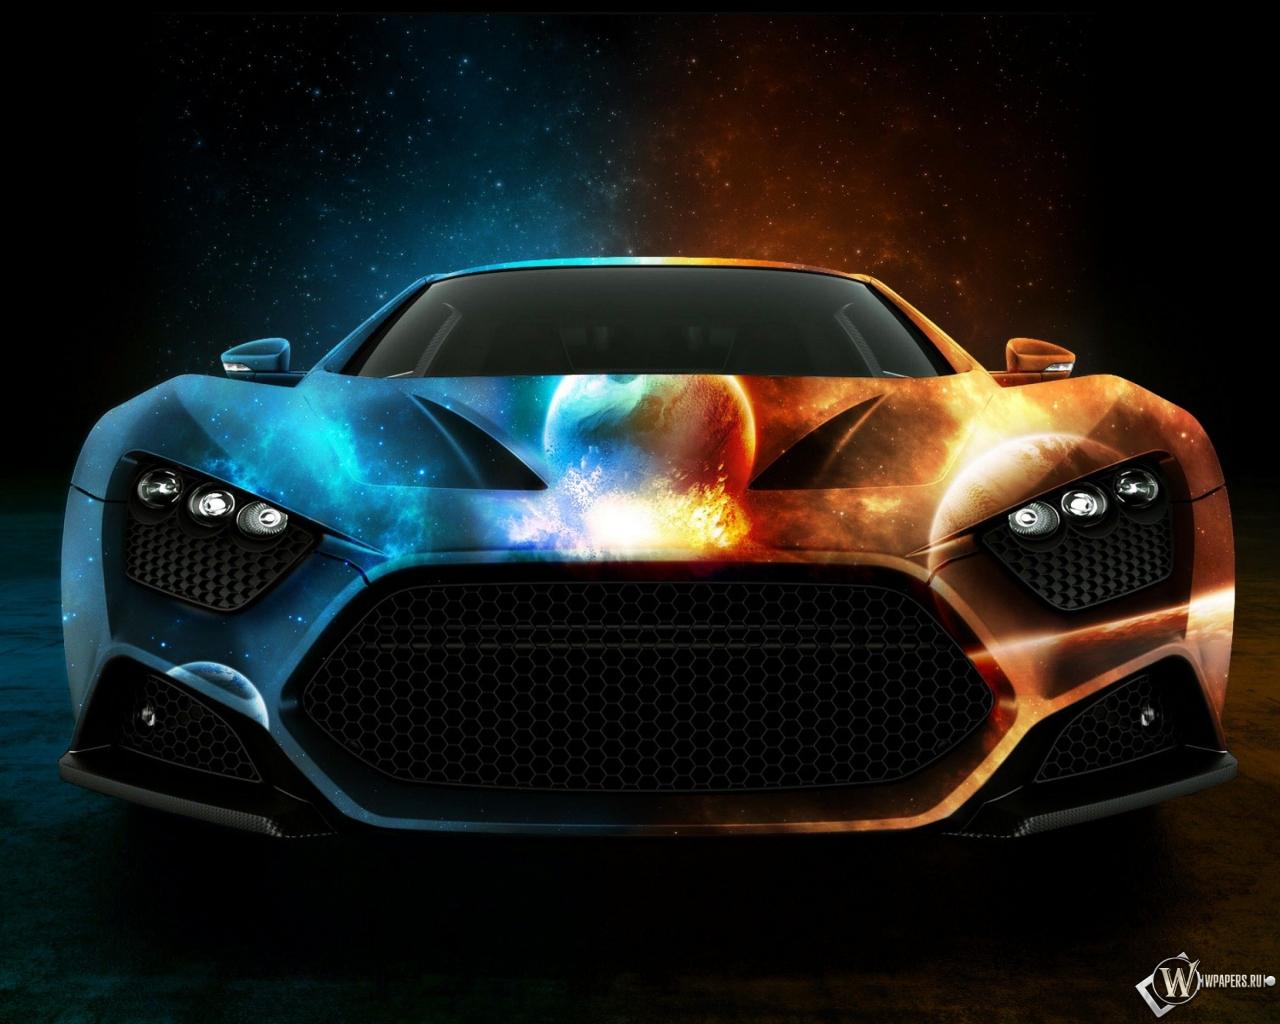 Машина двух миров 1280x1024